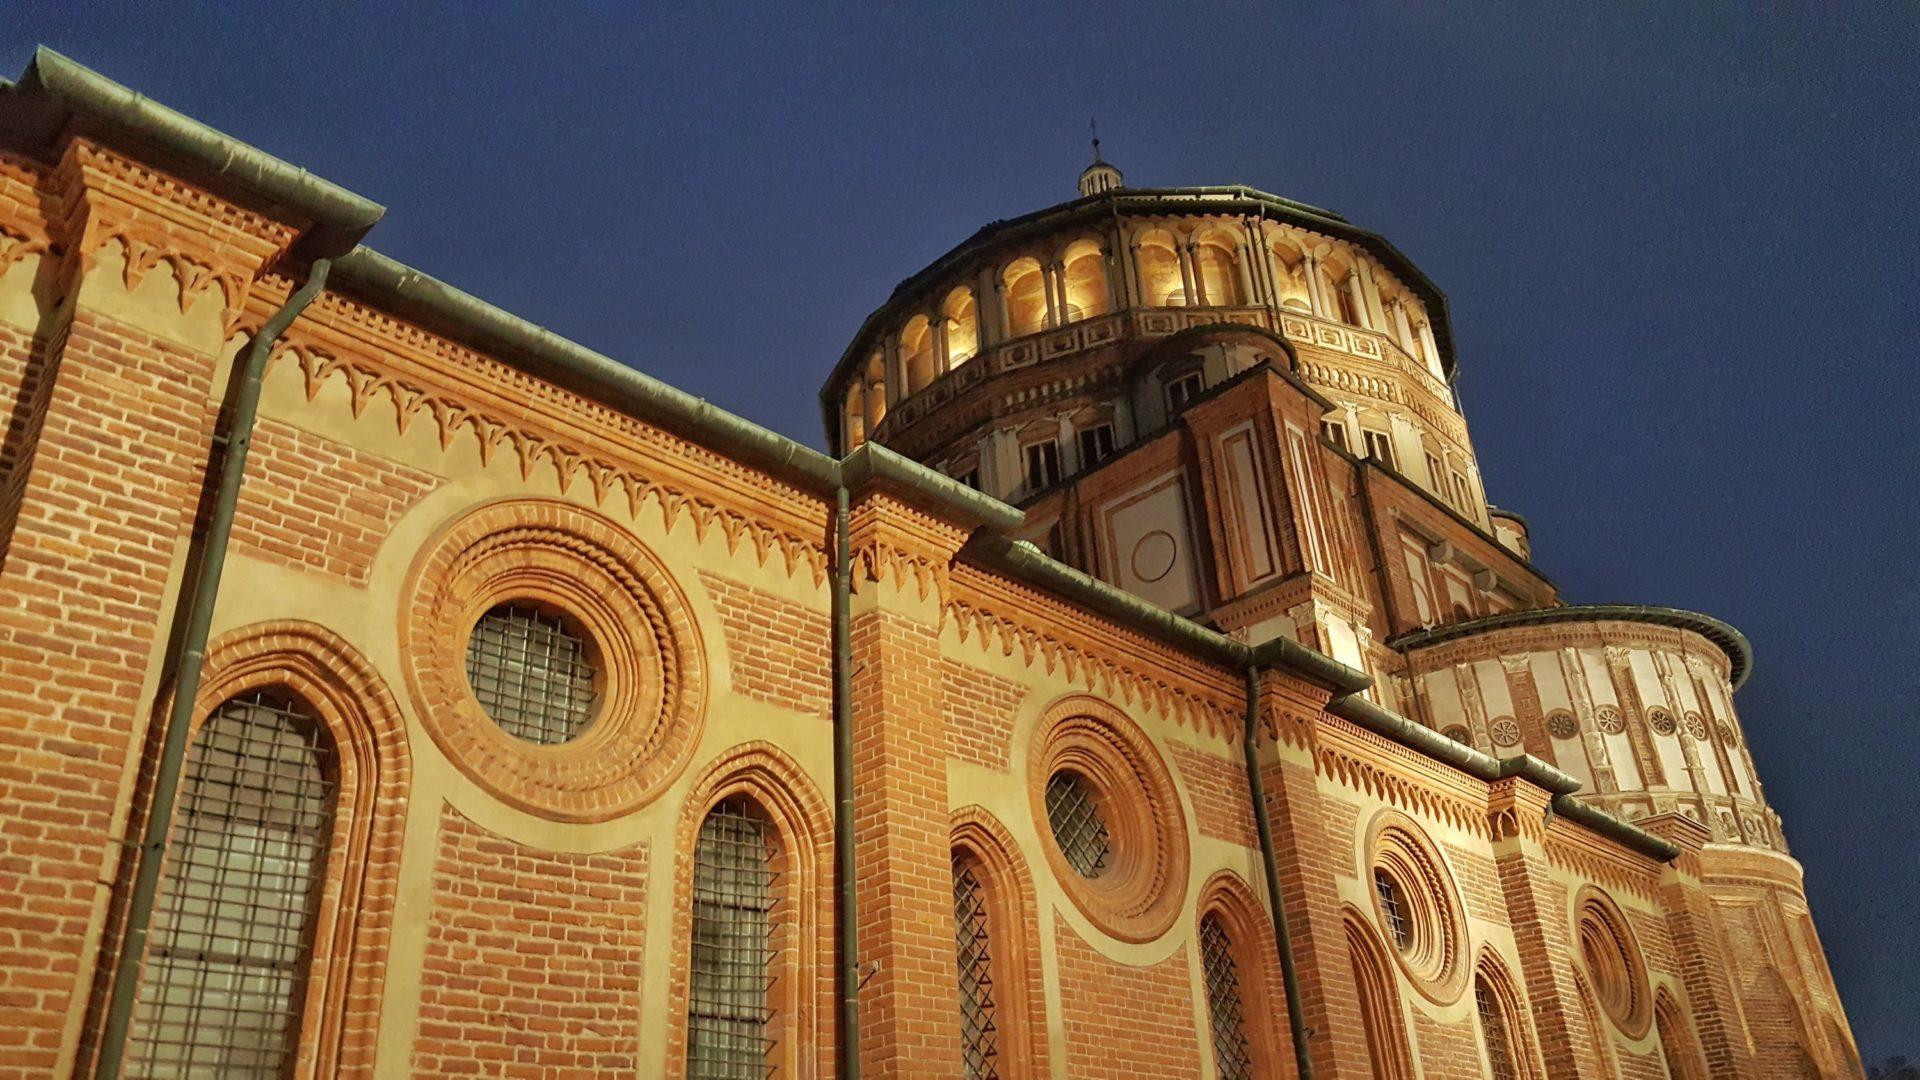 convento di Santa Maria delle Grazie_milano_ultima cena di leonardo